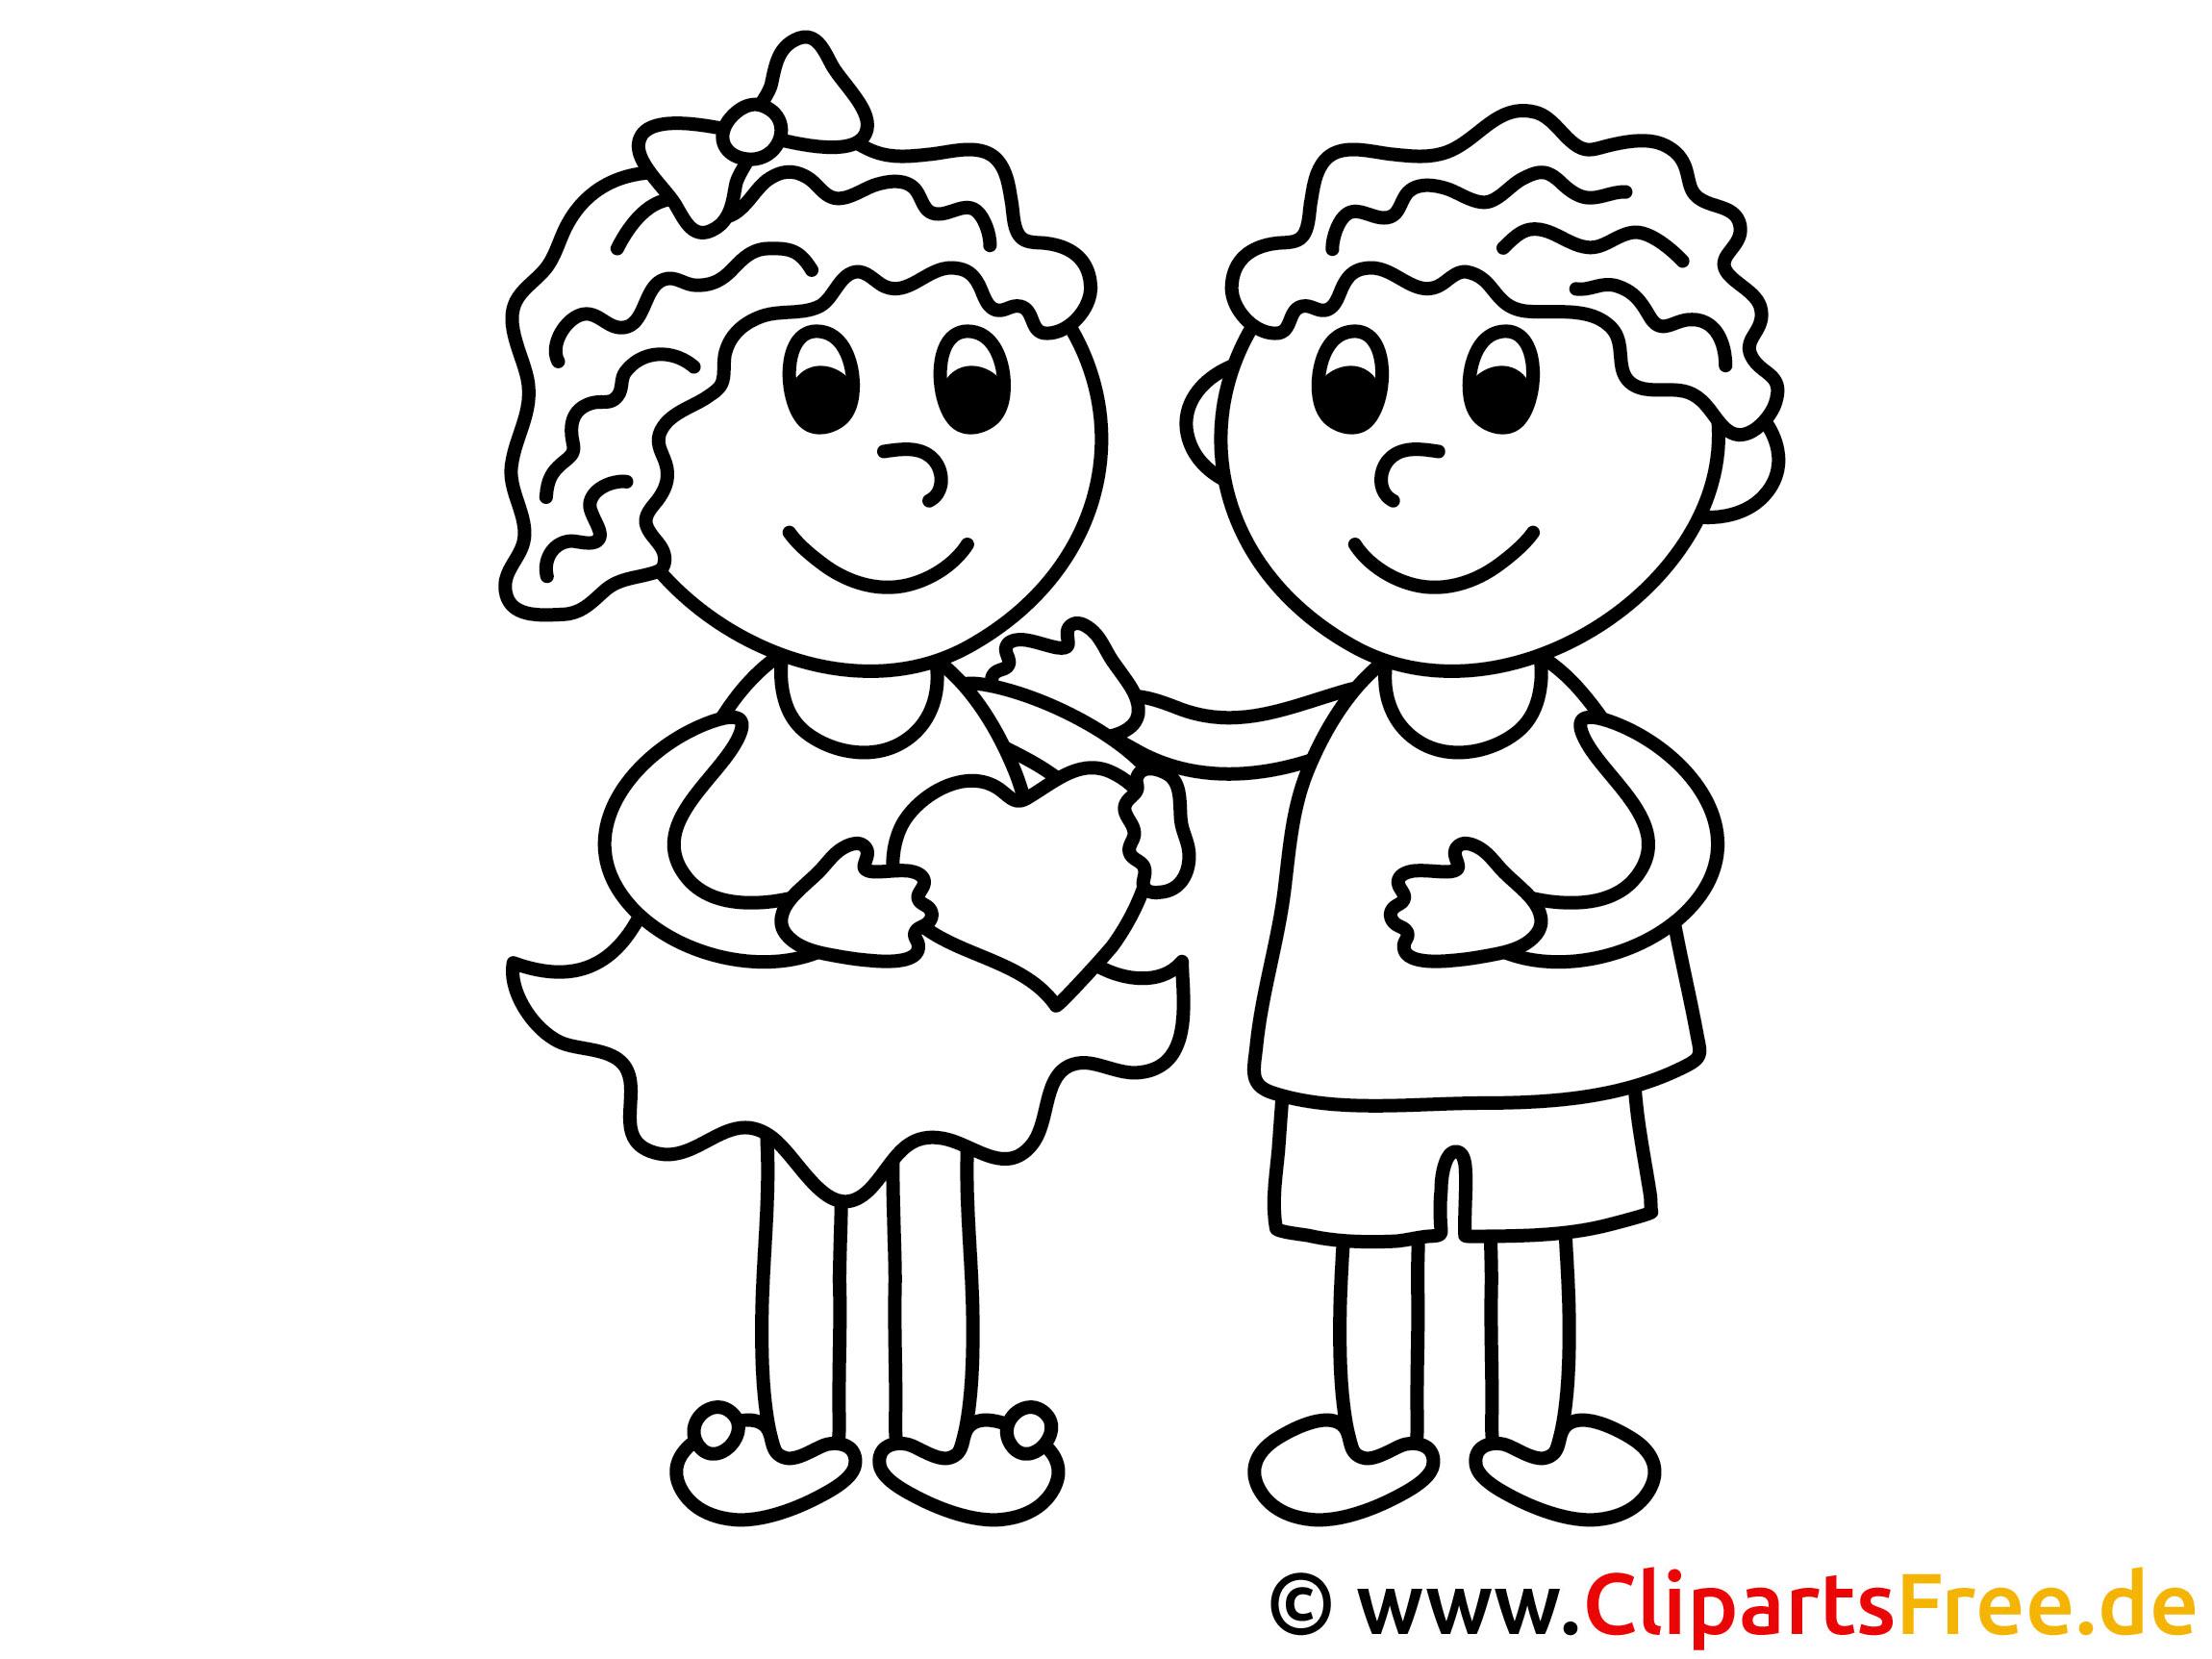 Mädchen und Junge Valentinstag Ausmalbilder für Kinder kostenlos ausdrucken